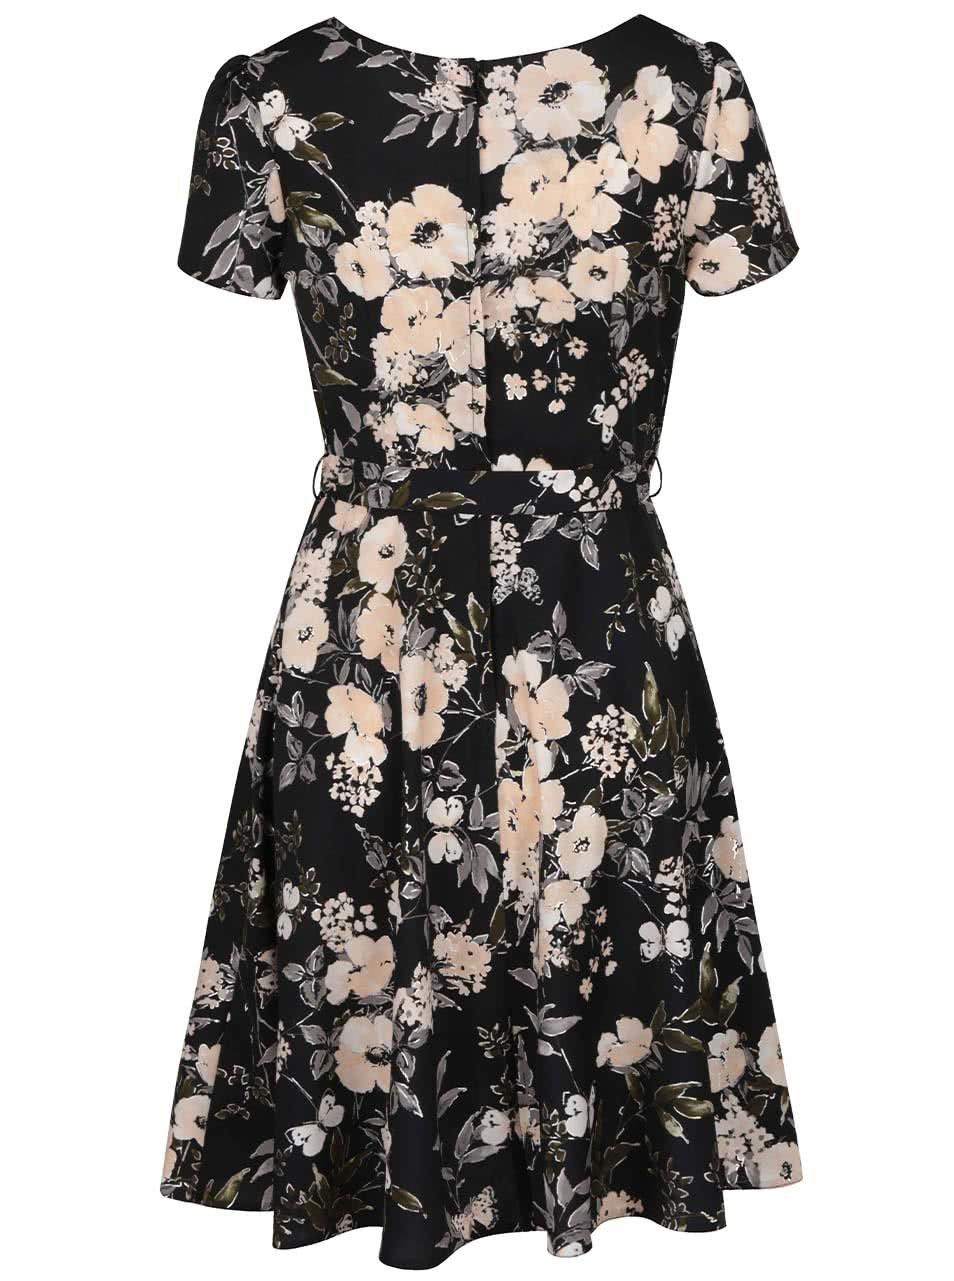 Čierne šaty s motívom motýľov a kvetín Dorothy Perkins ... df4c7718bb5